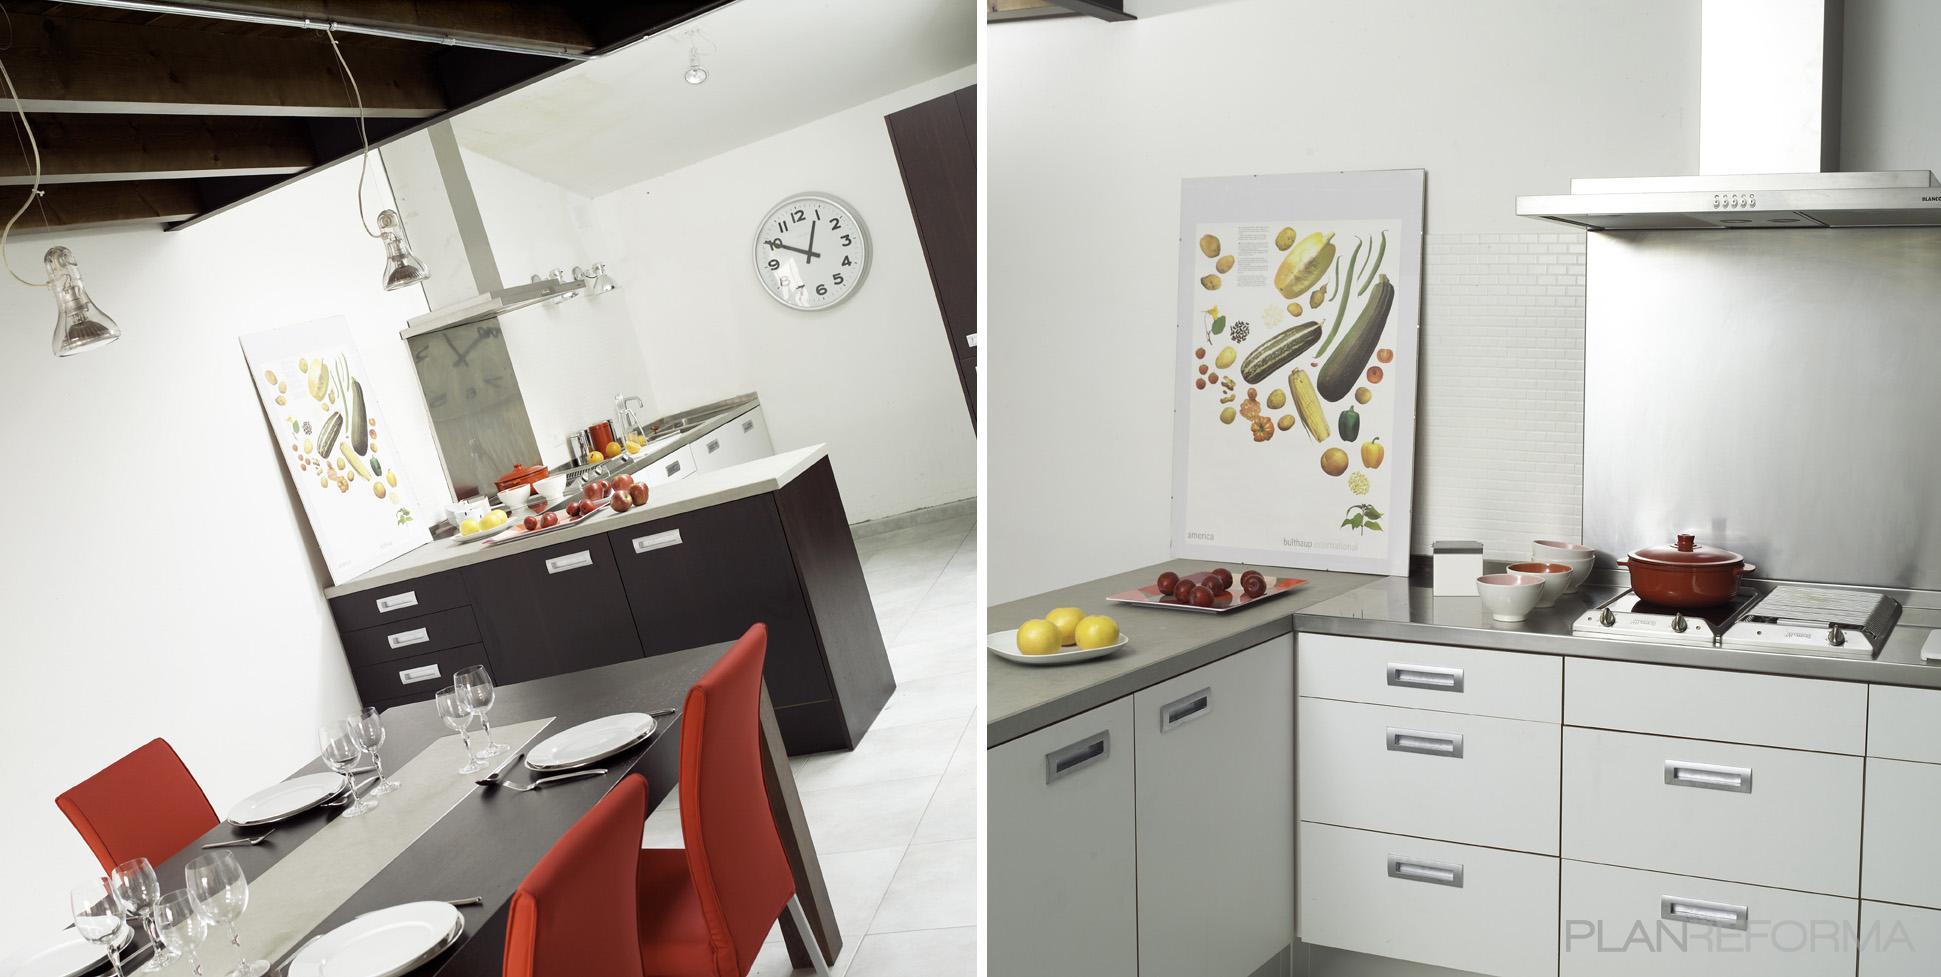 Comedor cocina style moderno color marron gris for Comedor gris moderno